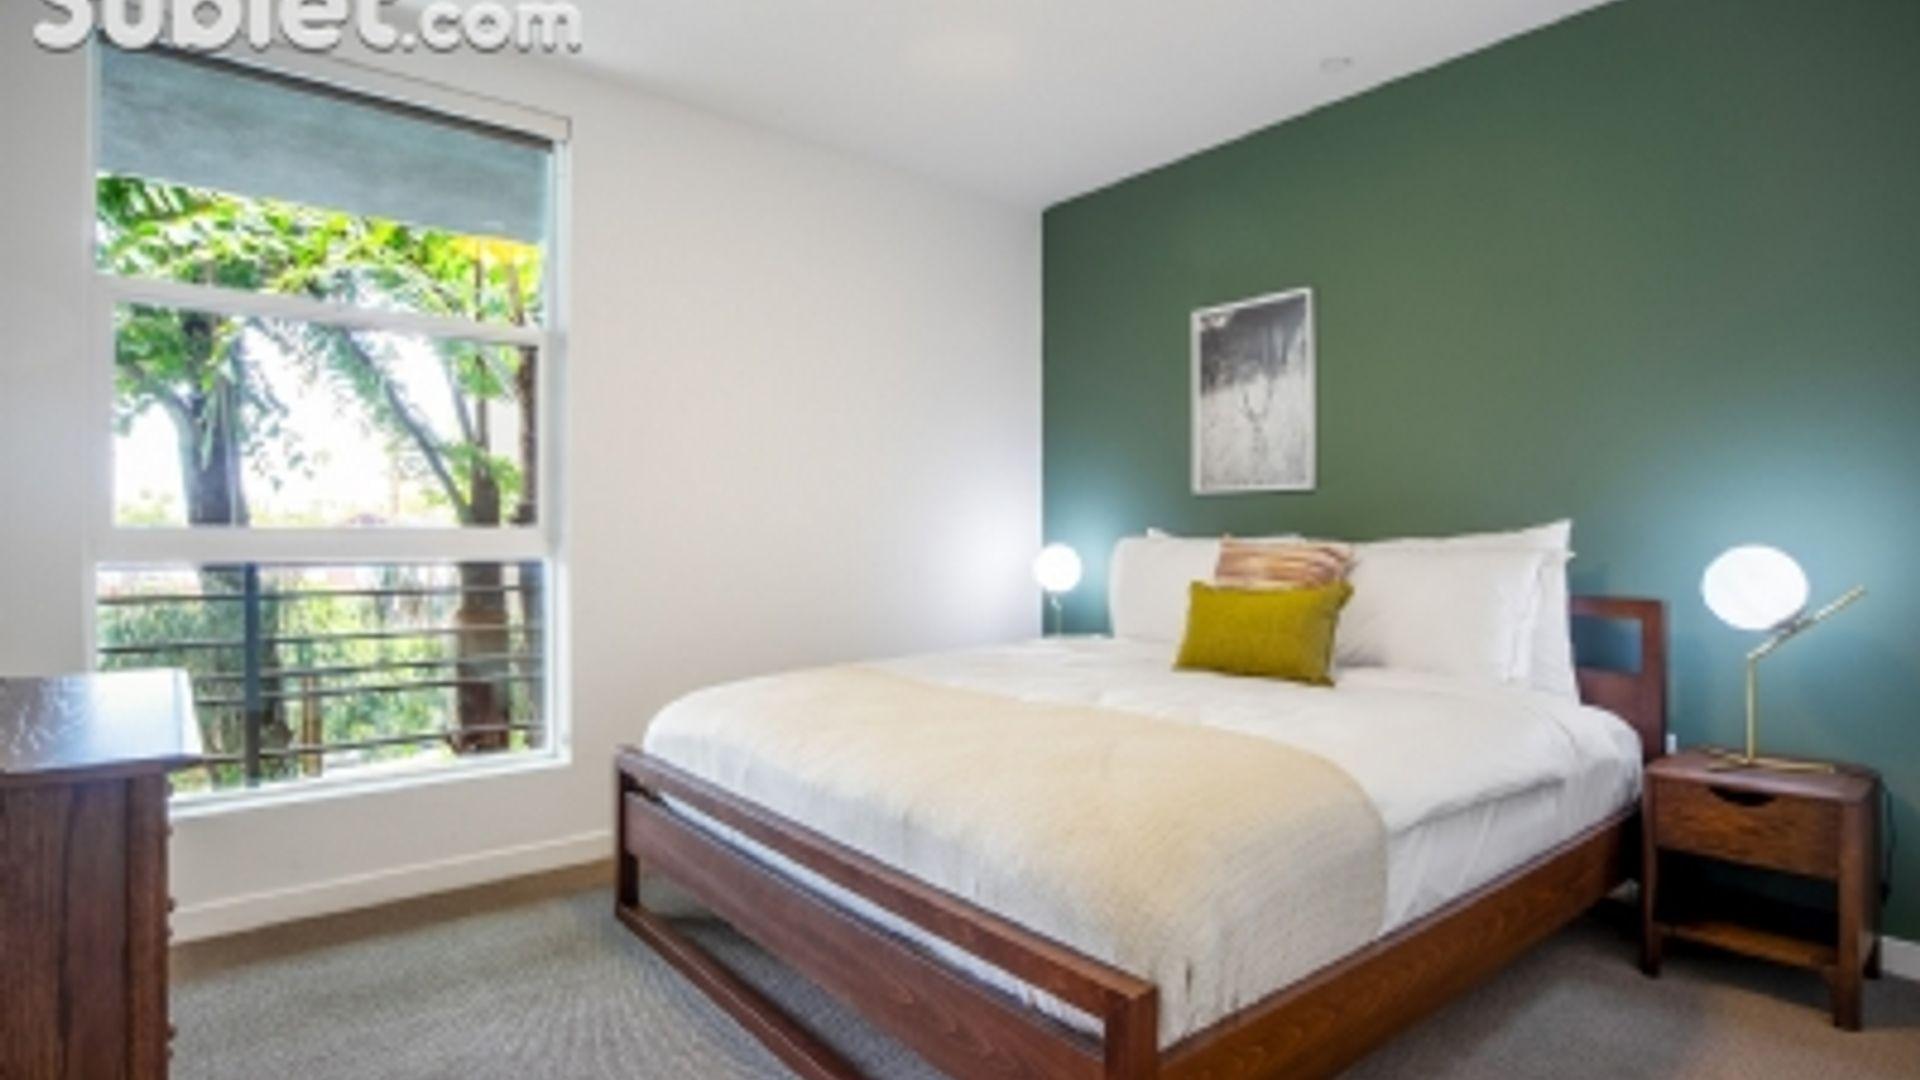 1 bed apartment at The Roger Room, 370 North La Cienega ...